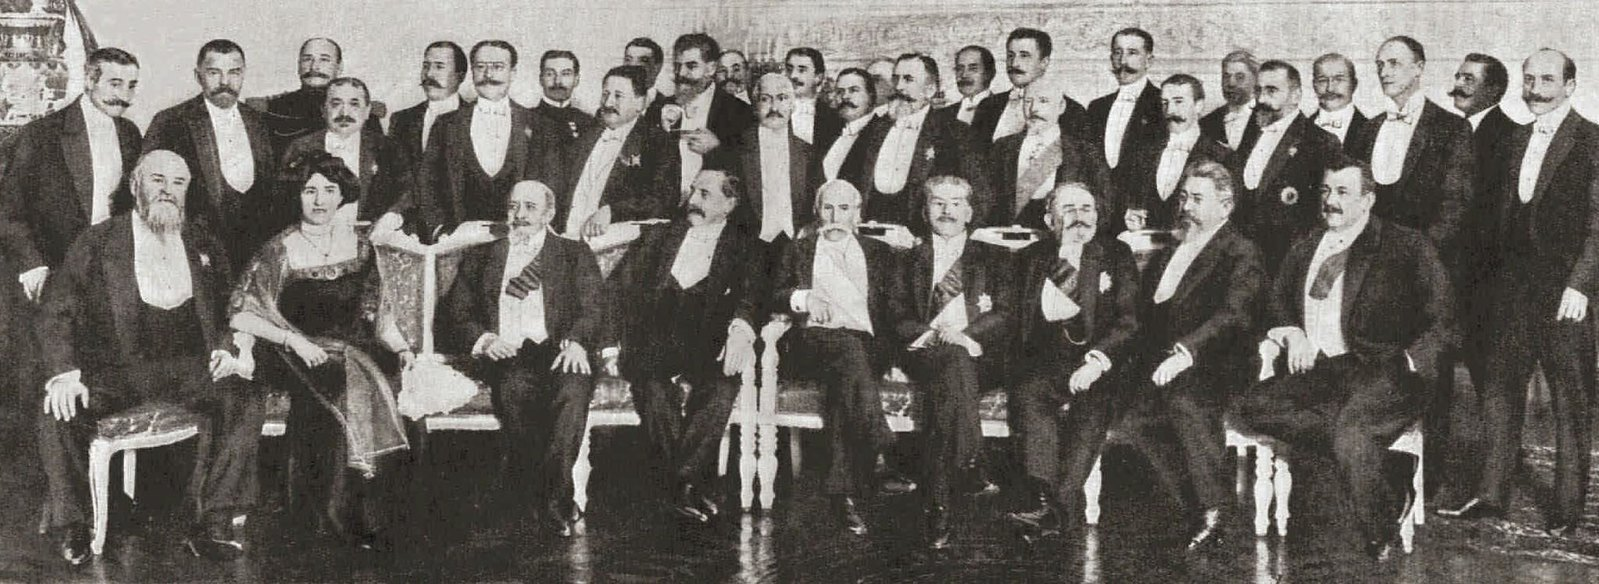 1910. Члены российской и французской законодательных палат на обеде у посла Франции